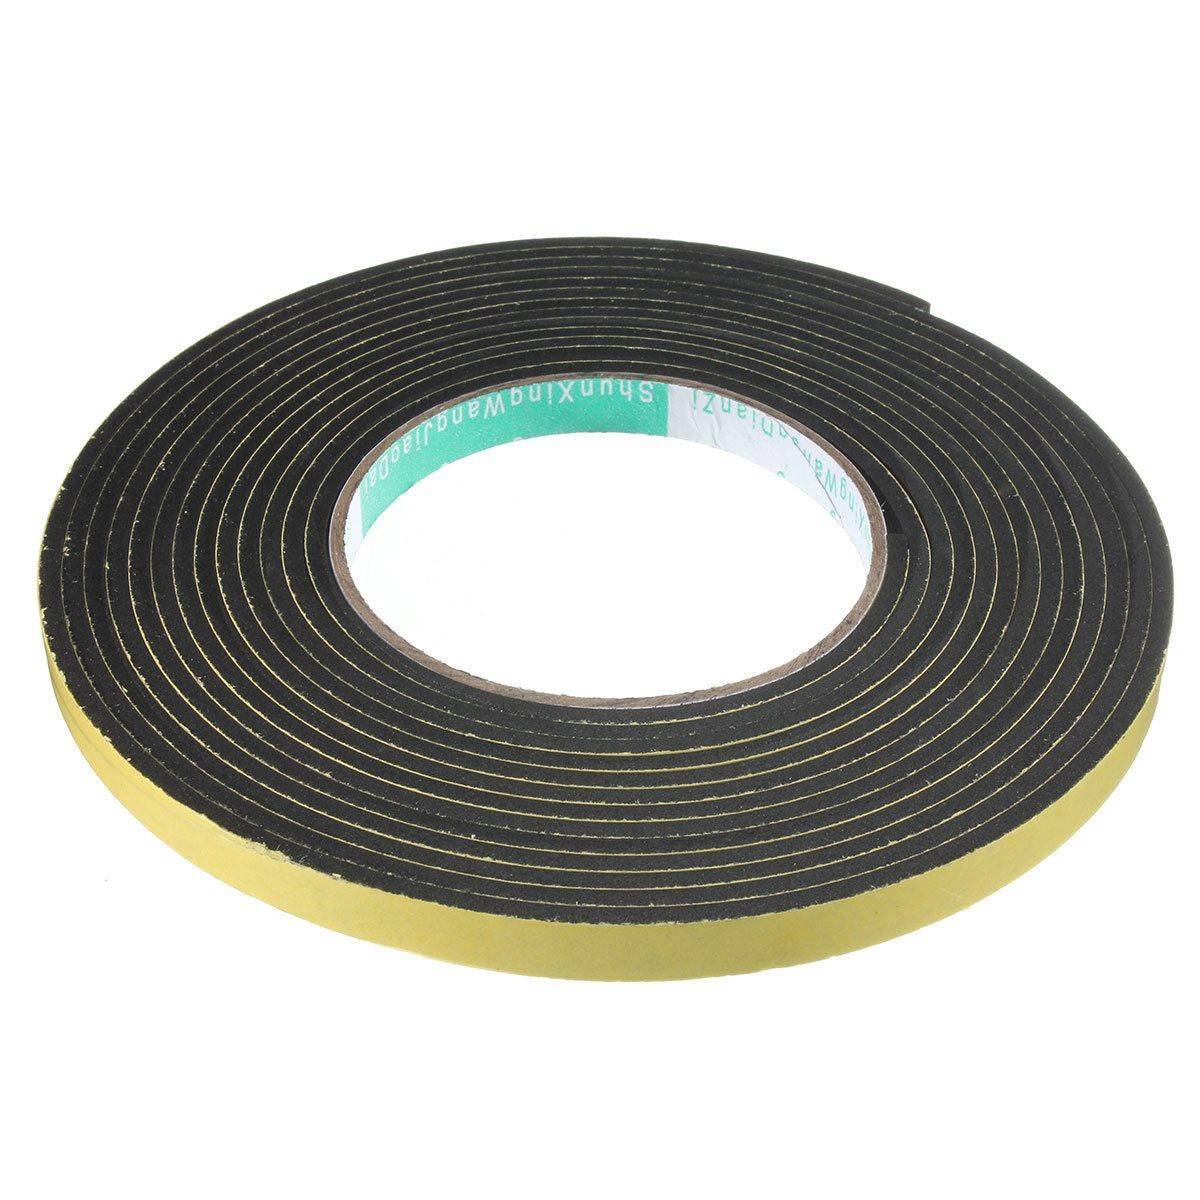 1Pcs Single Sided 5Mx10mm Adhesive Waterproof Weather Stripping Foam Sponge Rubber Strip Tape For Window Door Seal Strip